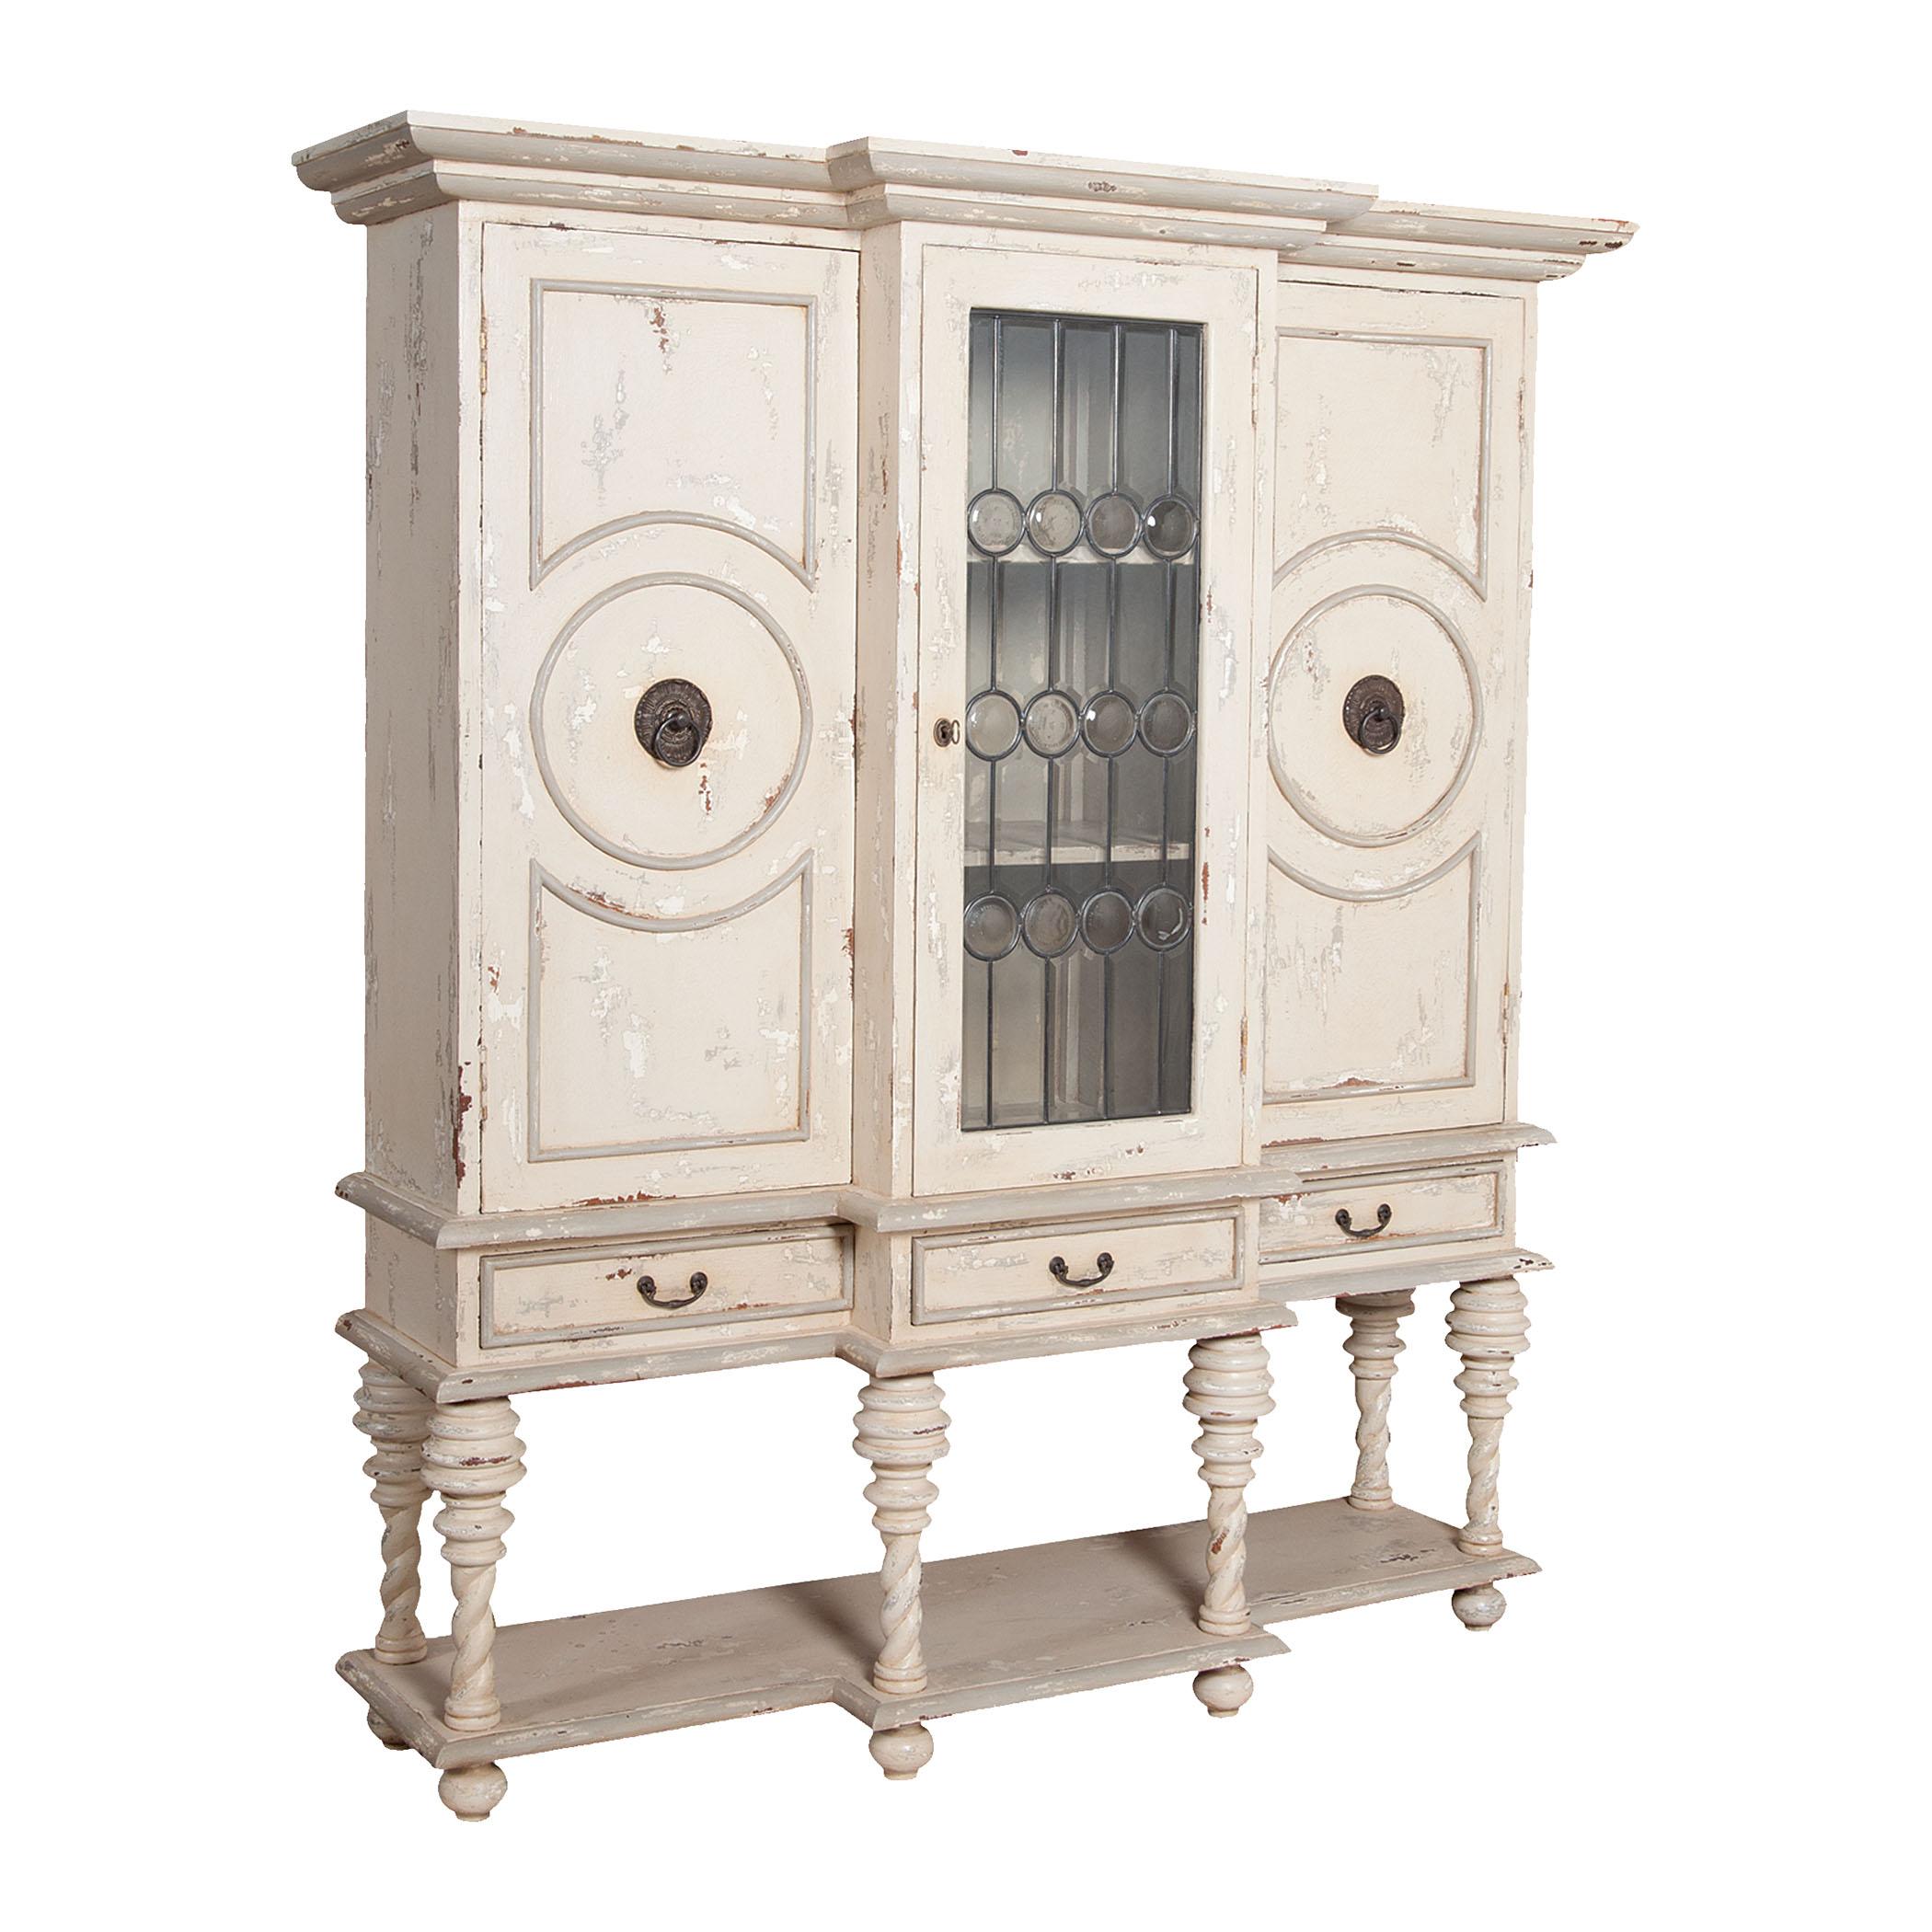 Italian 3-Door 3-Drawer Display Hutch in Crossroads Rosa | Elk Home